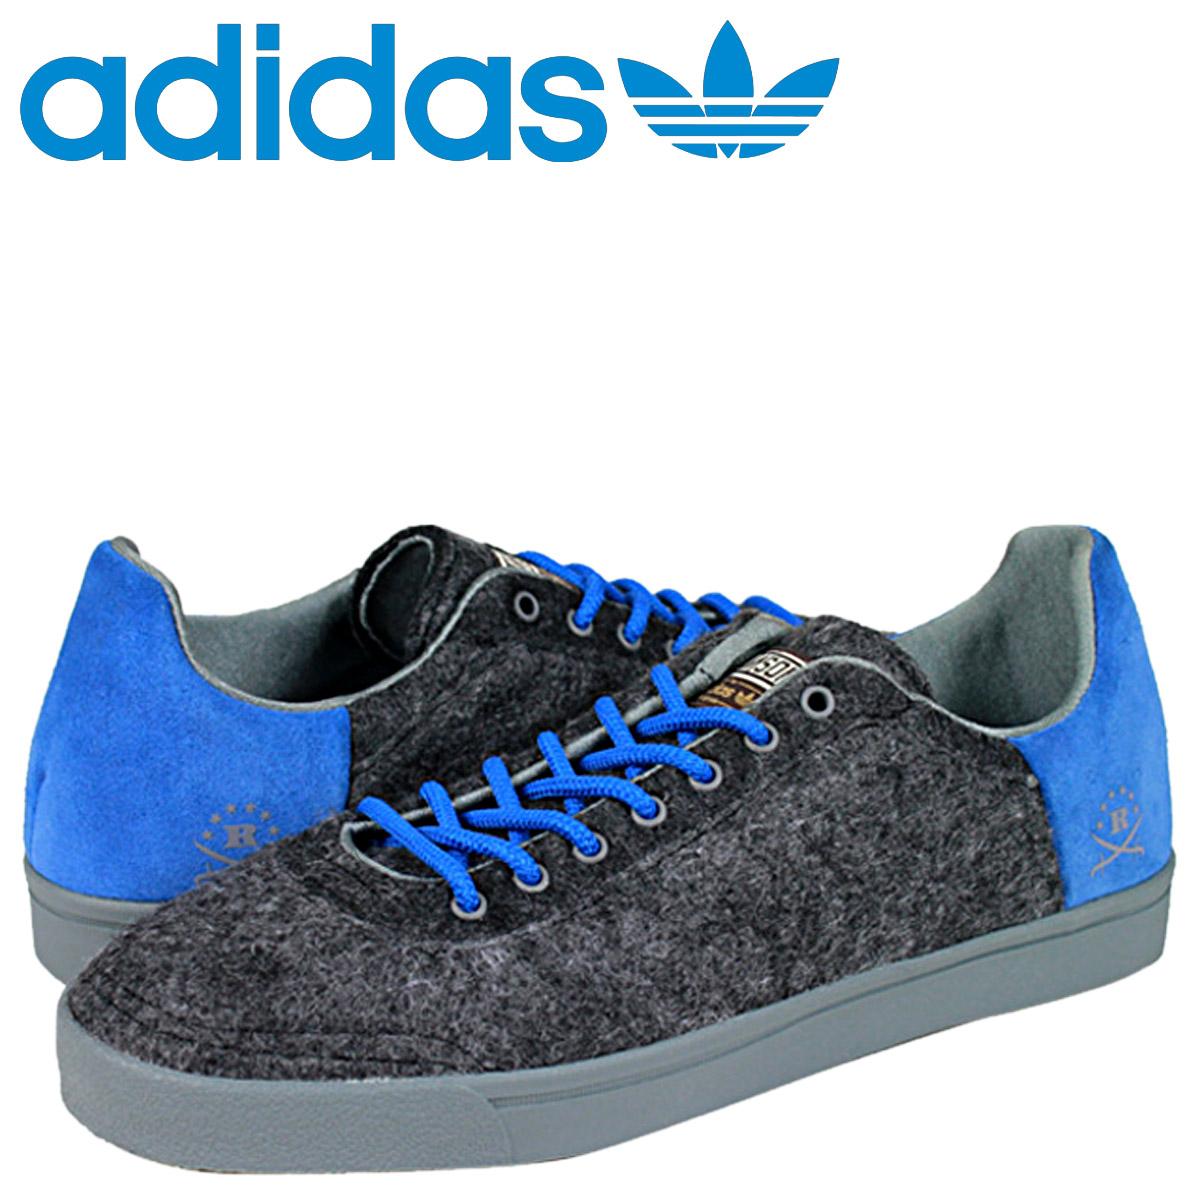 Adidas Originals Online shopping | Shop Adidas Originals Now